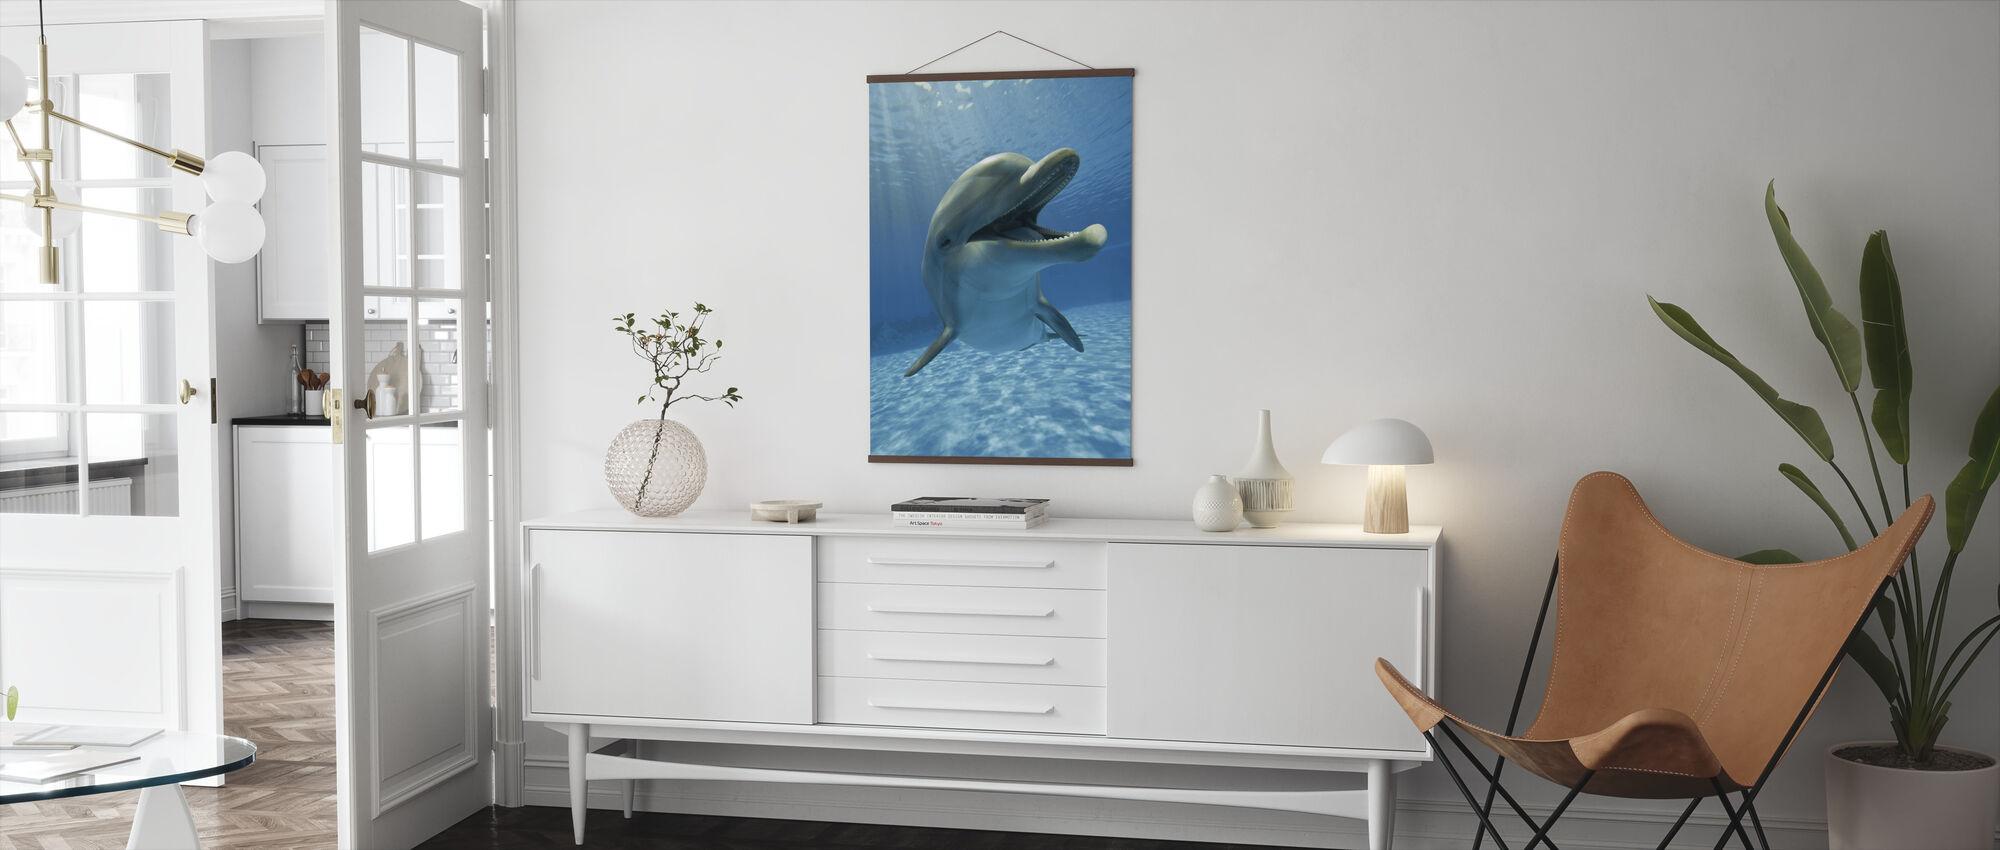 Møte med delfin - Plakat - Stue